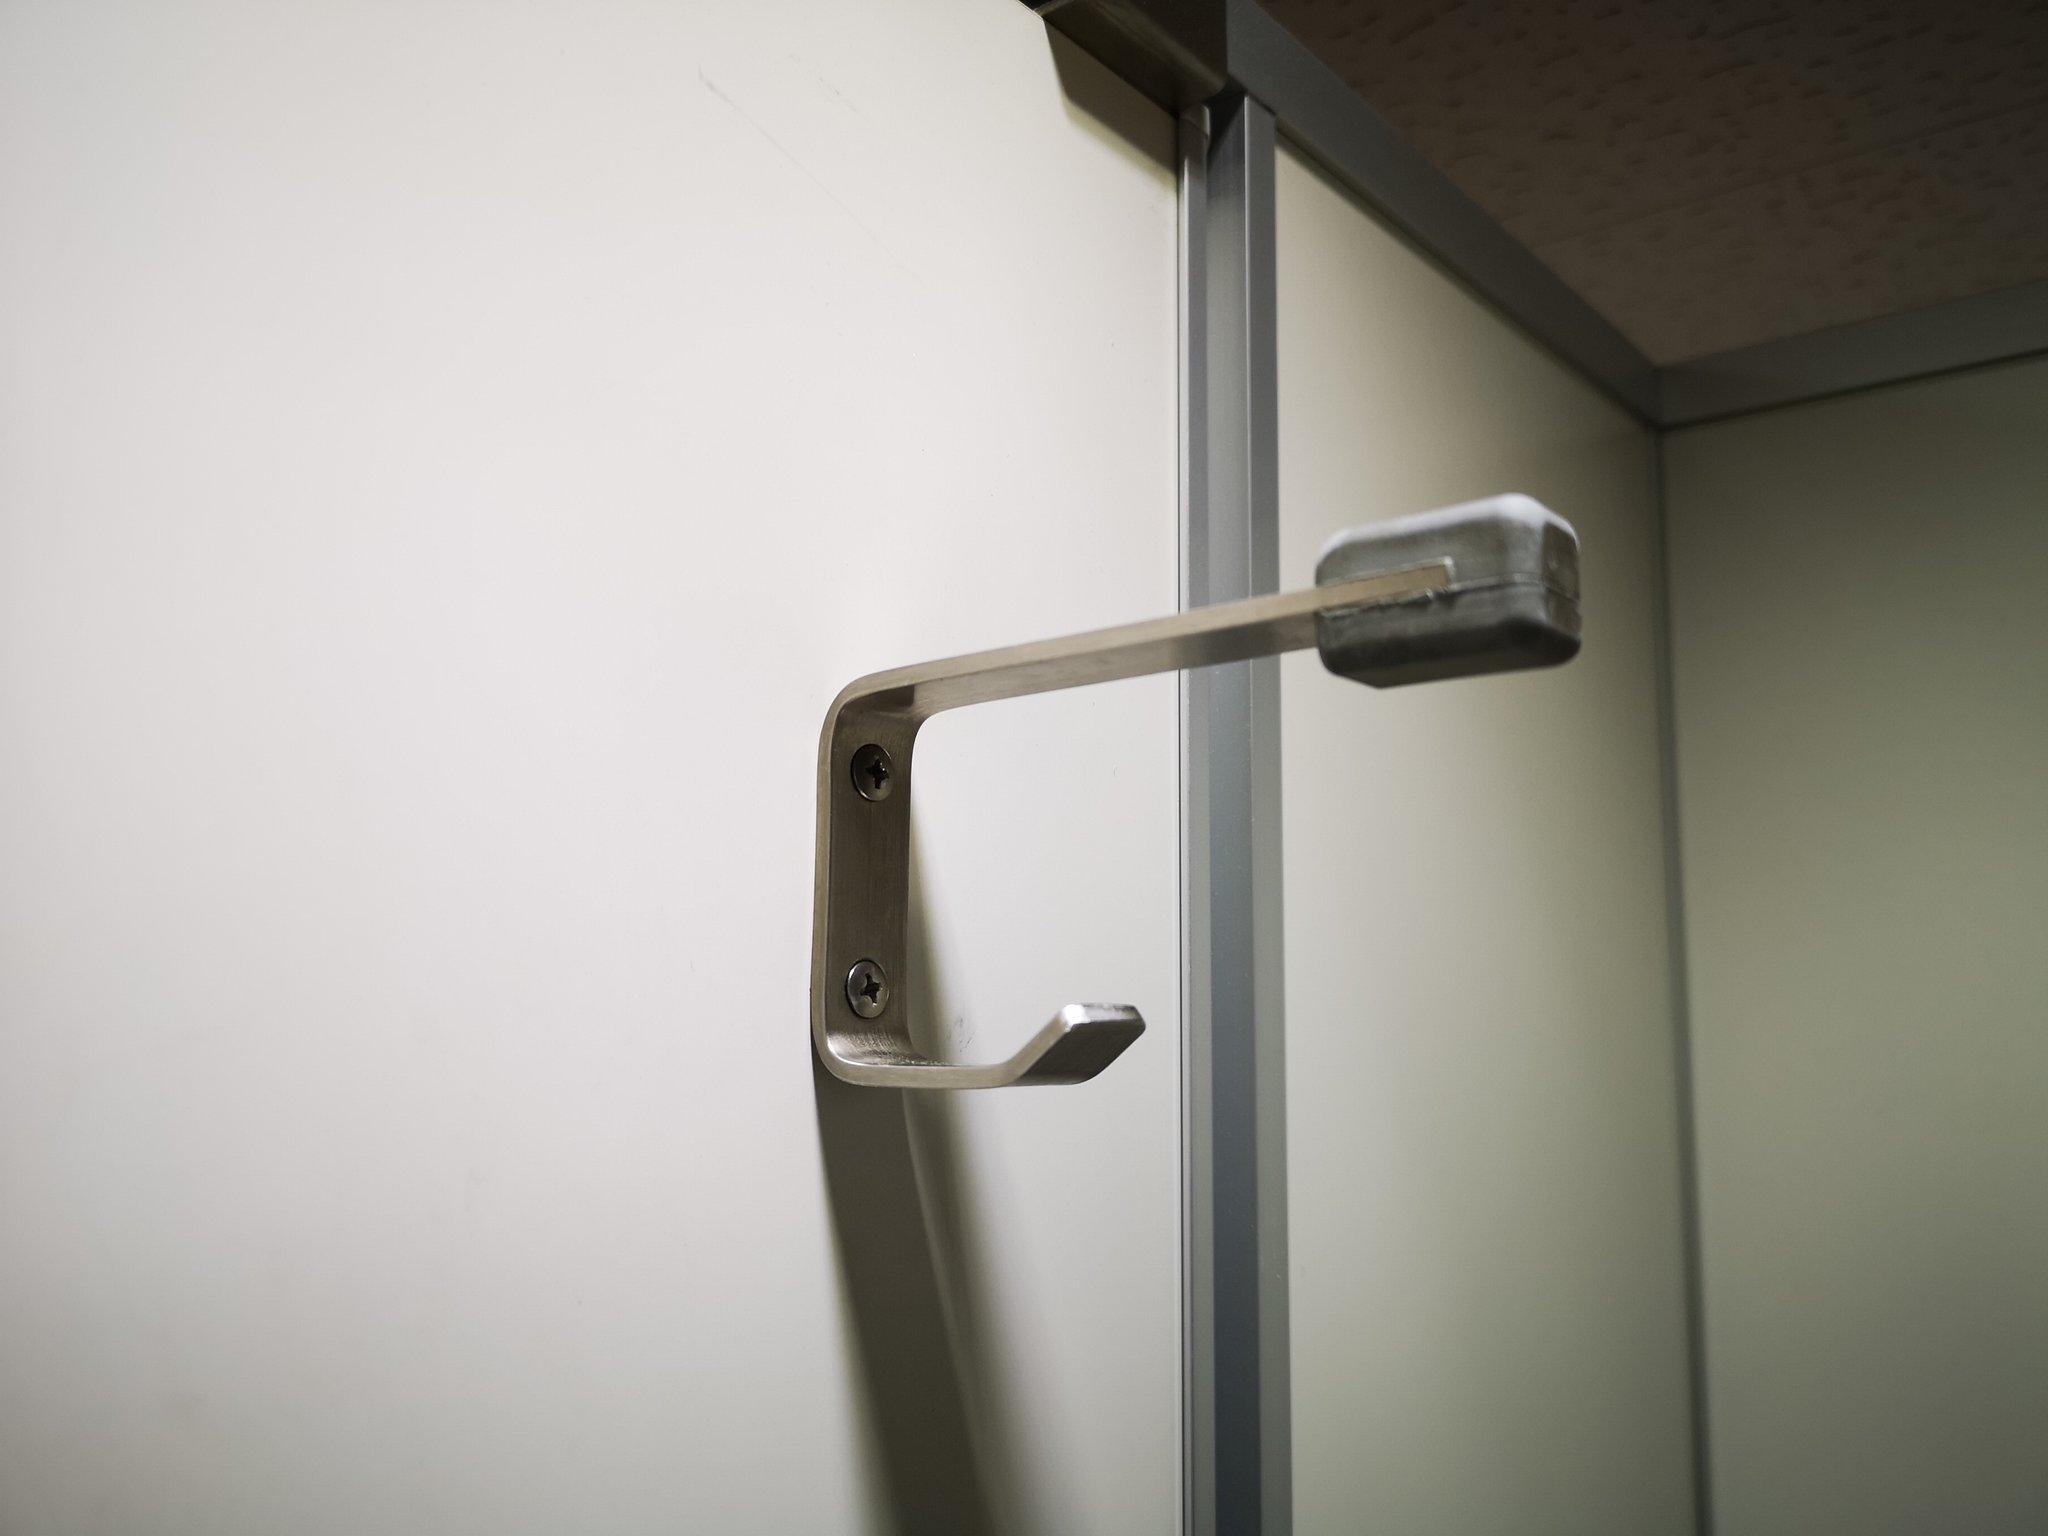 トイレのこの金具、どうして引っ掛けるフックが二段になっているのか知らない方も増えてきた様子。 昔は一段だったのだけど、ドアの上から手を伸ばしてカバンを盗む人の対策で昭和後期に普及したものです。